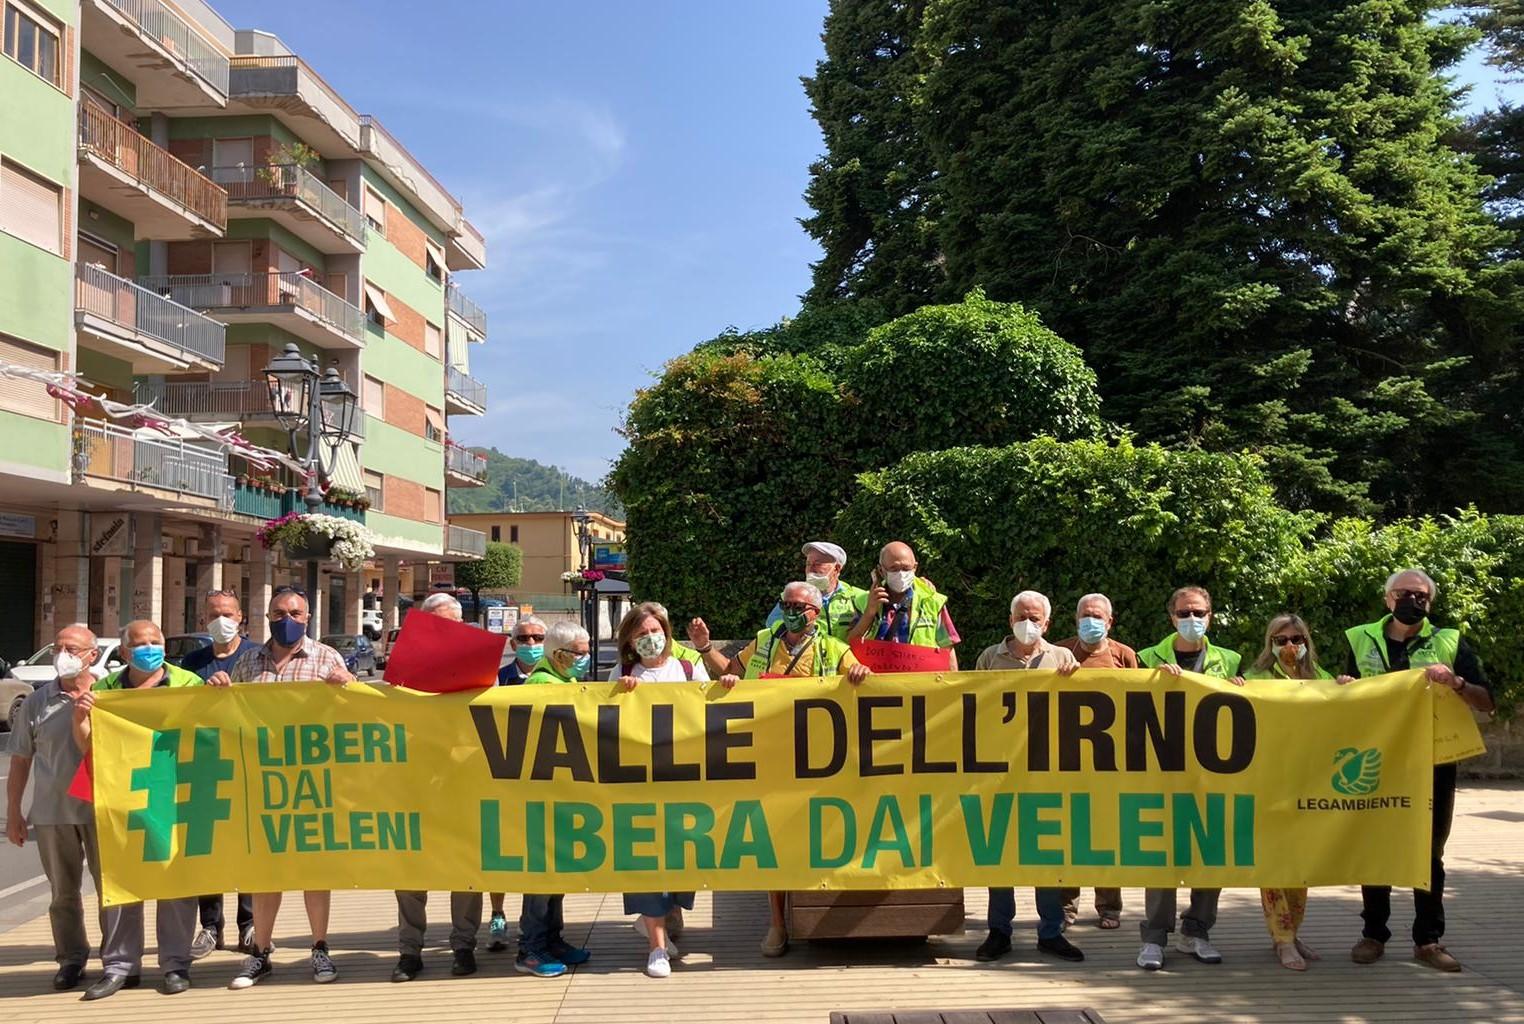 Flash mob Legambiente #liberidaiveleni <br /> la Valle dell' Irno